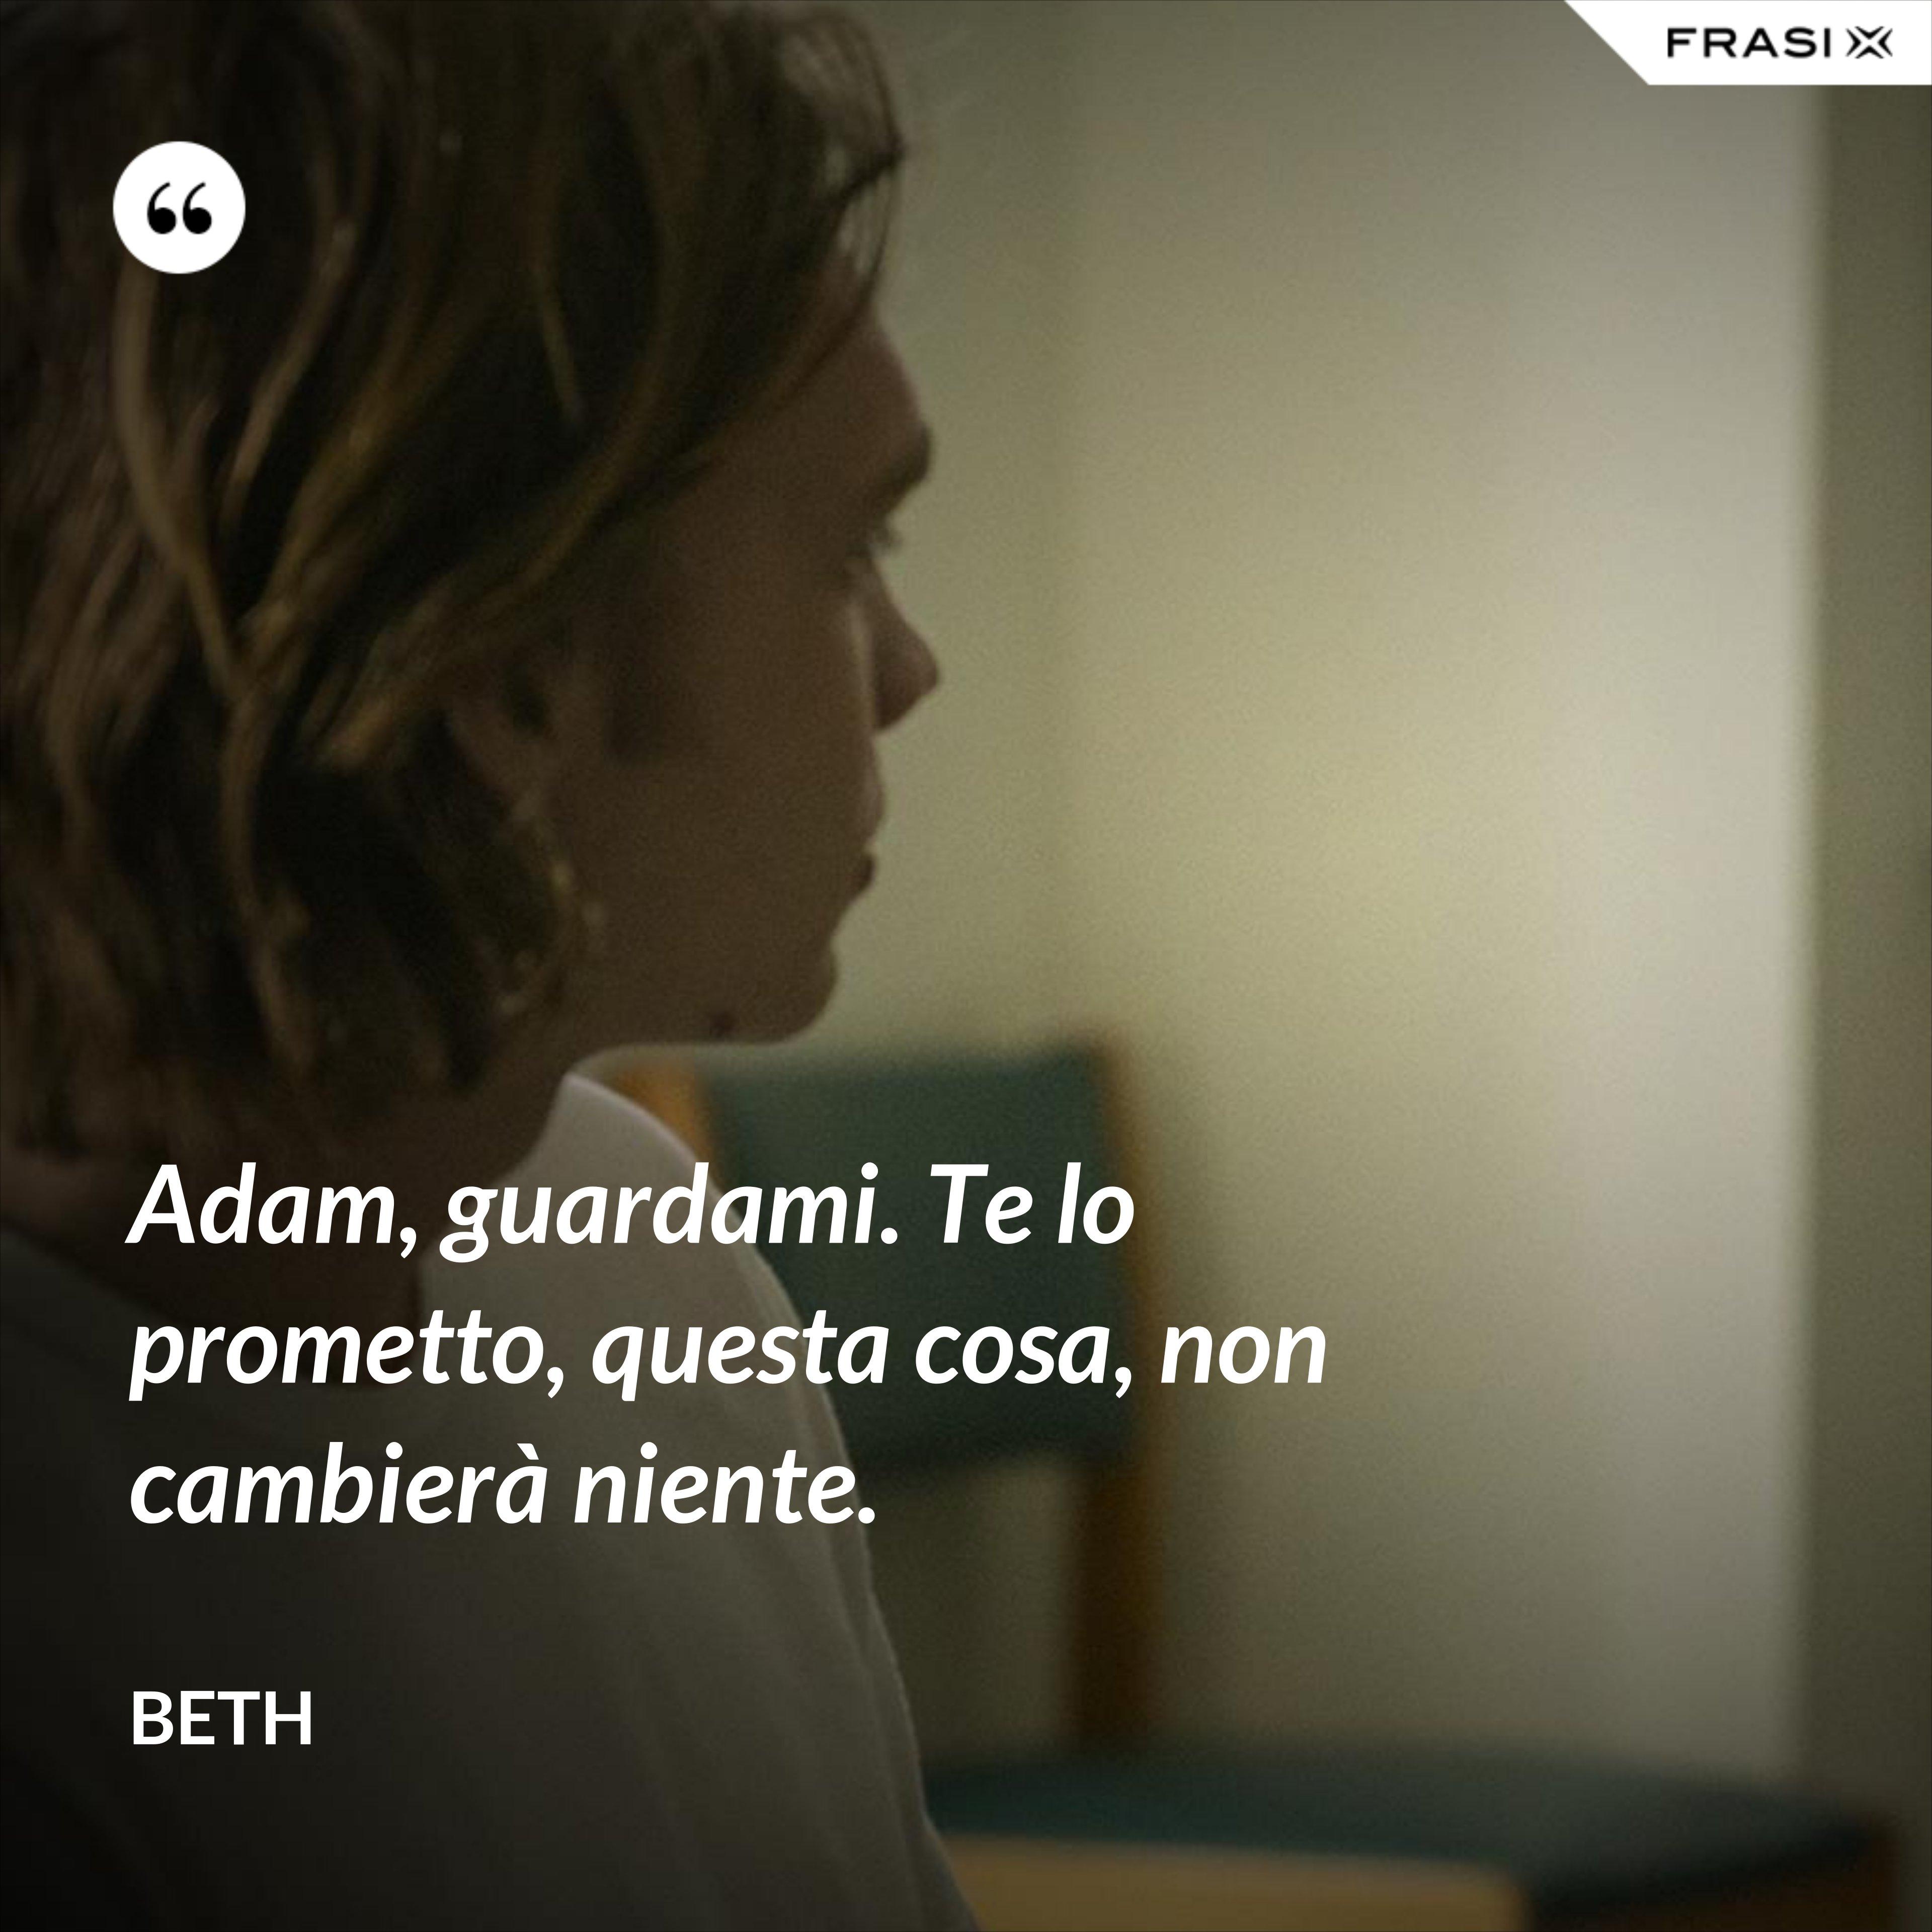 Adam, guardami. Te lo prometto, questa cosa, non cambierà niente. - Beth